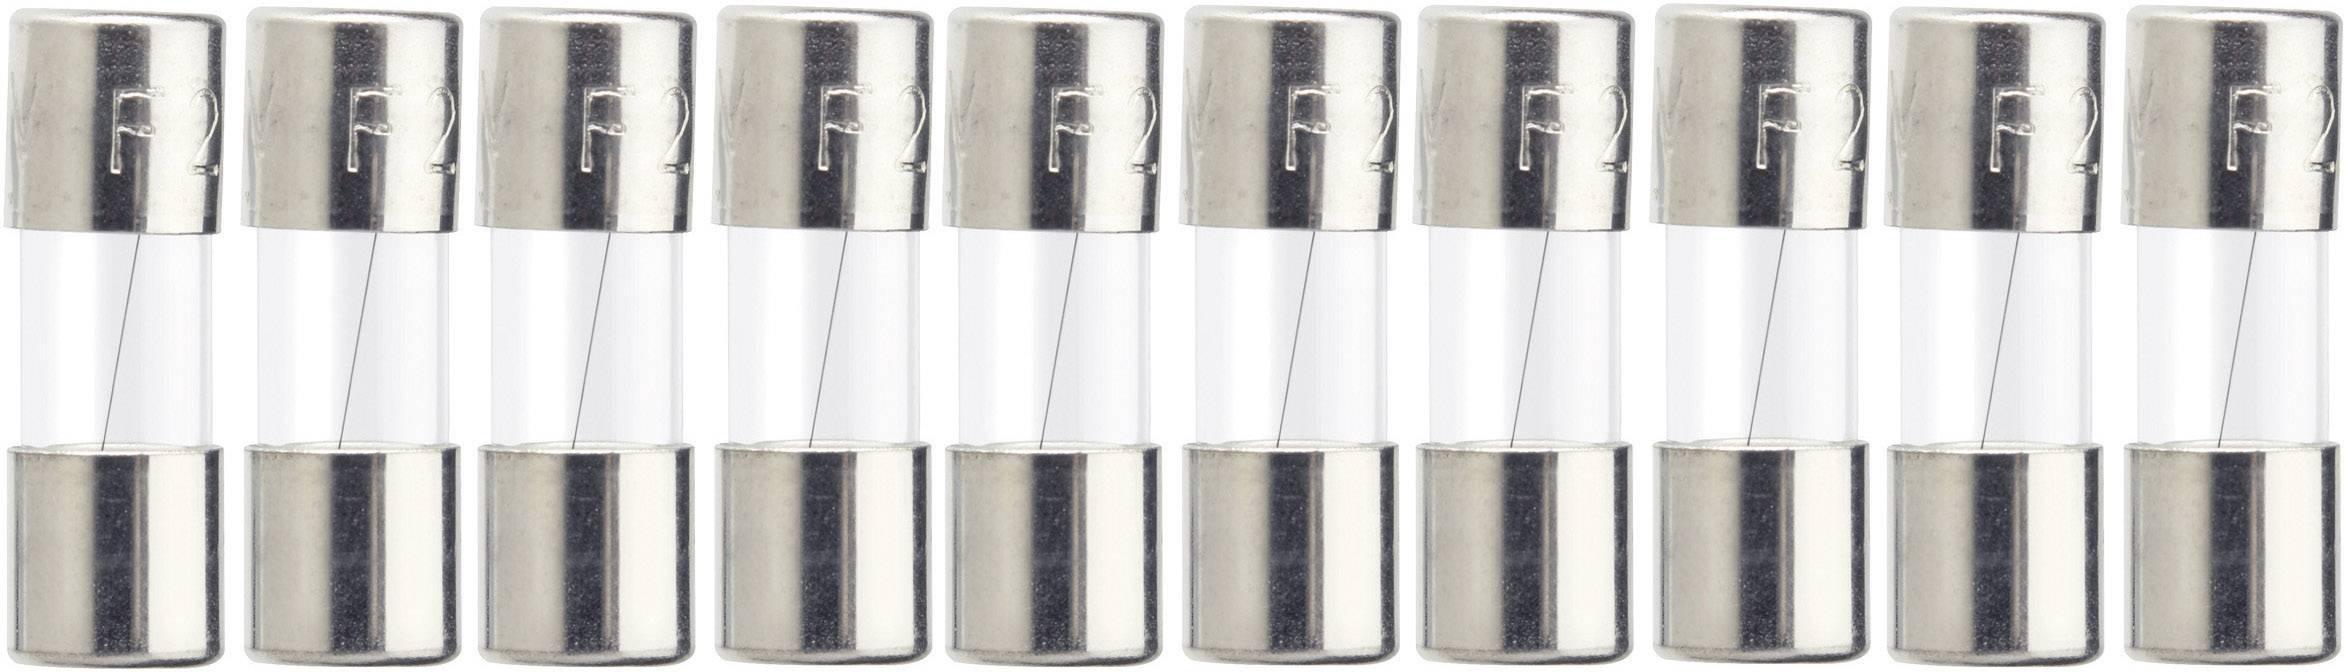 Jemná poistka ESKA 515607, 0.1 A, 250 V, (Ø x d) 5 mm x 15 mm, rýchly -F-, 10 ks